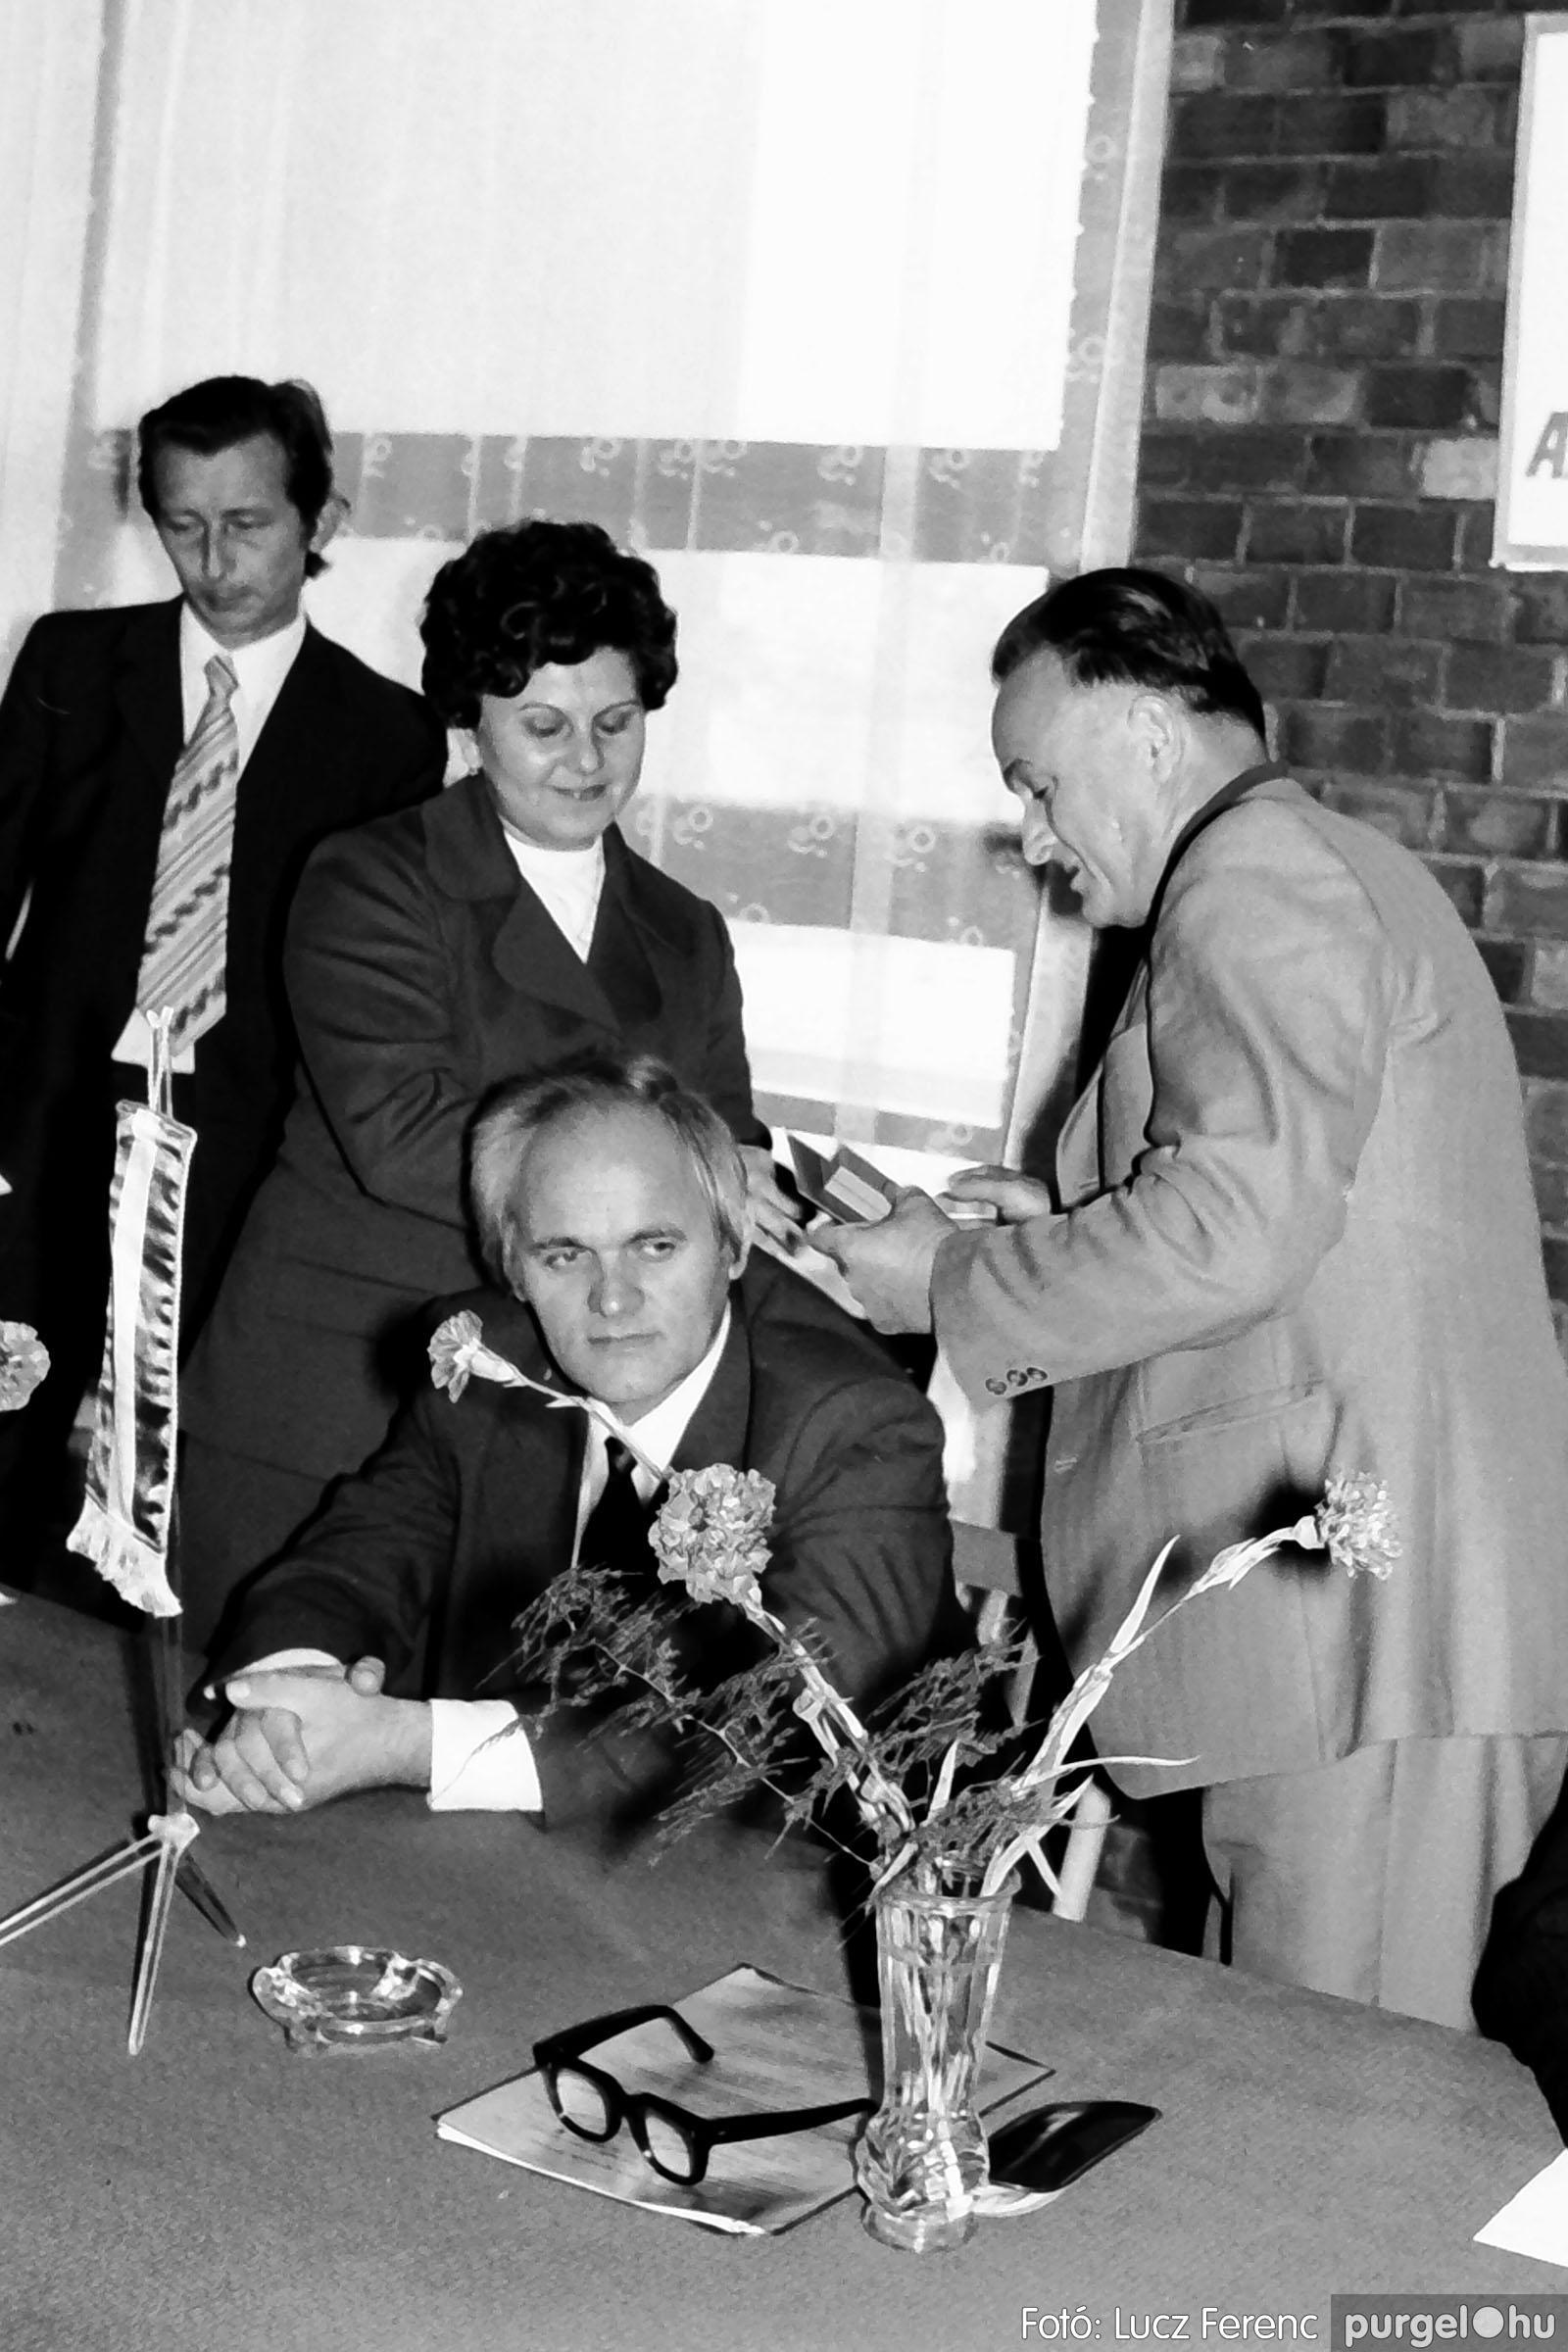 022 1975. Ünnepi ülés a tanácsházán 005 - Fotó: Lucz Ferenc .jpg